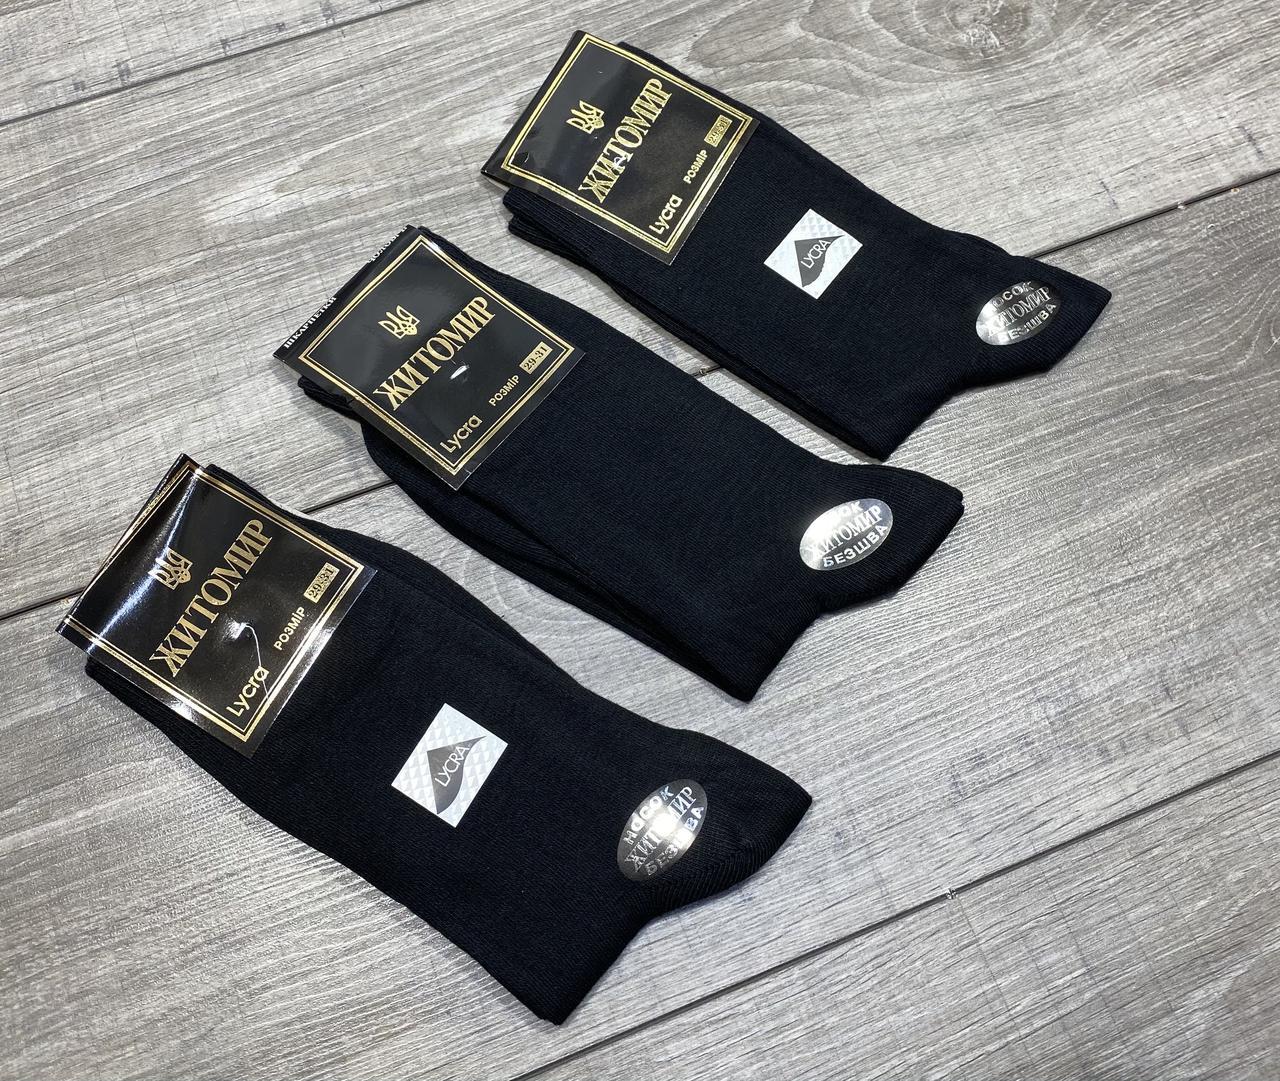 Чоловічі демісезонні шкарпетки Житомир чорні однотонні бавовна високі розмір 29-31 6 шт в уп